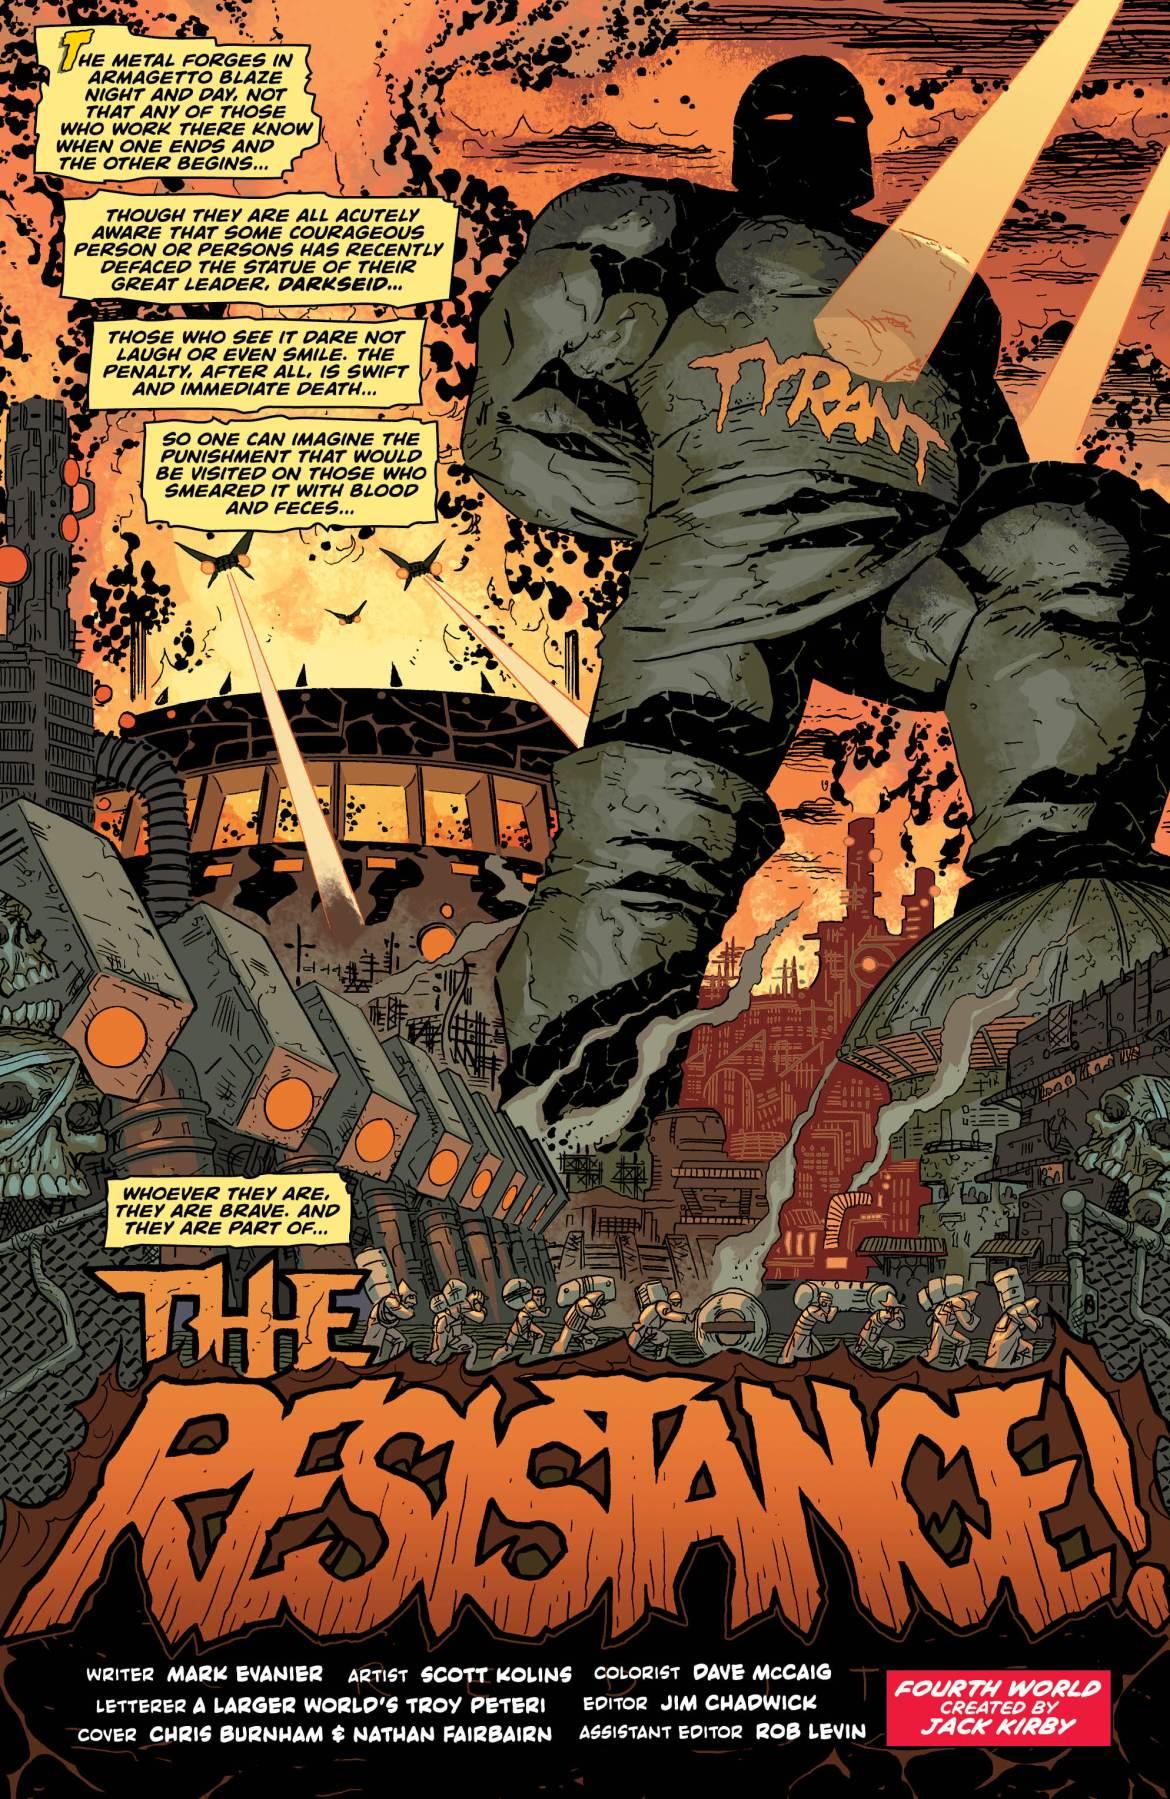 Jack Kirby Darkseid 1 - DC Comics News